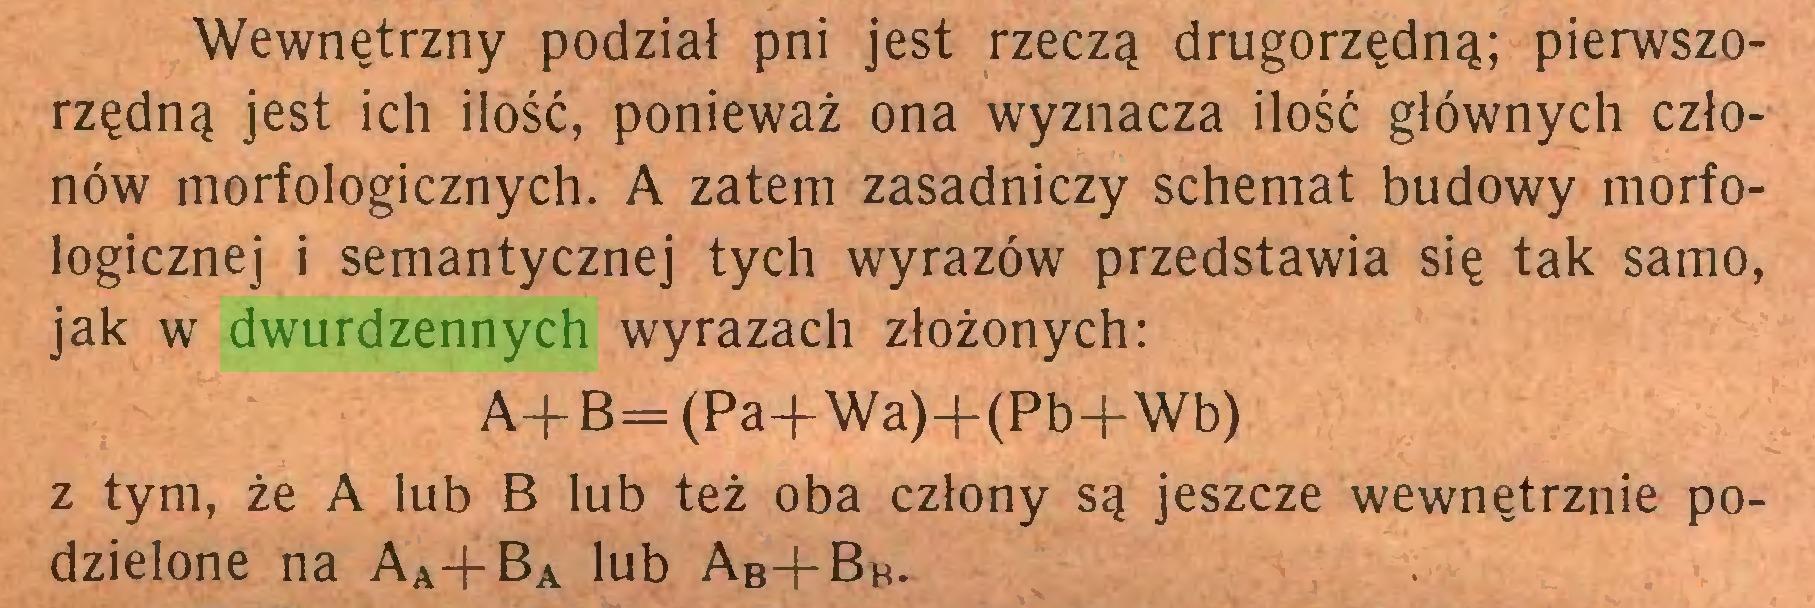 (...) Wewnętrzny podział pni jest rzeczą drugorzędną; pierwszorzędną jest ich ilość, ponieważ ona wyznacza ilość głównych członów morfologicznych. A zatem zasadniczy schemat budowy morfologicznej i semantycznej tych wyrazów przedstawia się tak samo, jak w dwurdzennych wyrazach złożonych: A+ B= (Pa+Wa)+(Pb+Wb) z tym, że A lub B lub też oba człony są jeszcze wewnętrznie podzielone na Aa-(-Ba lub Ab+Bb...